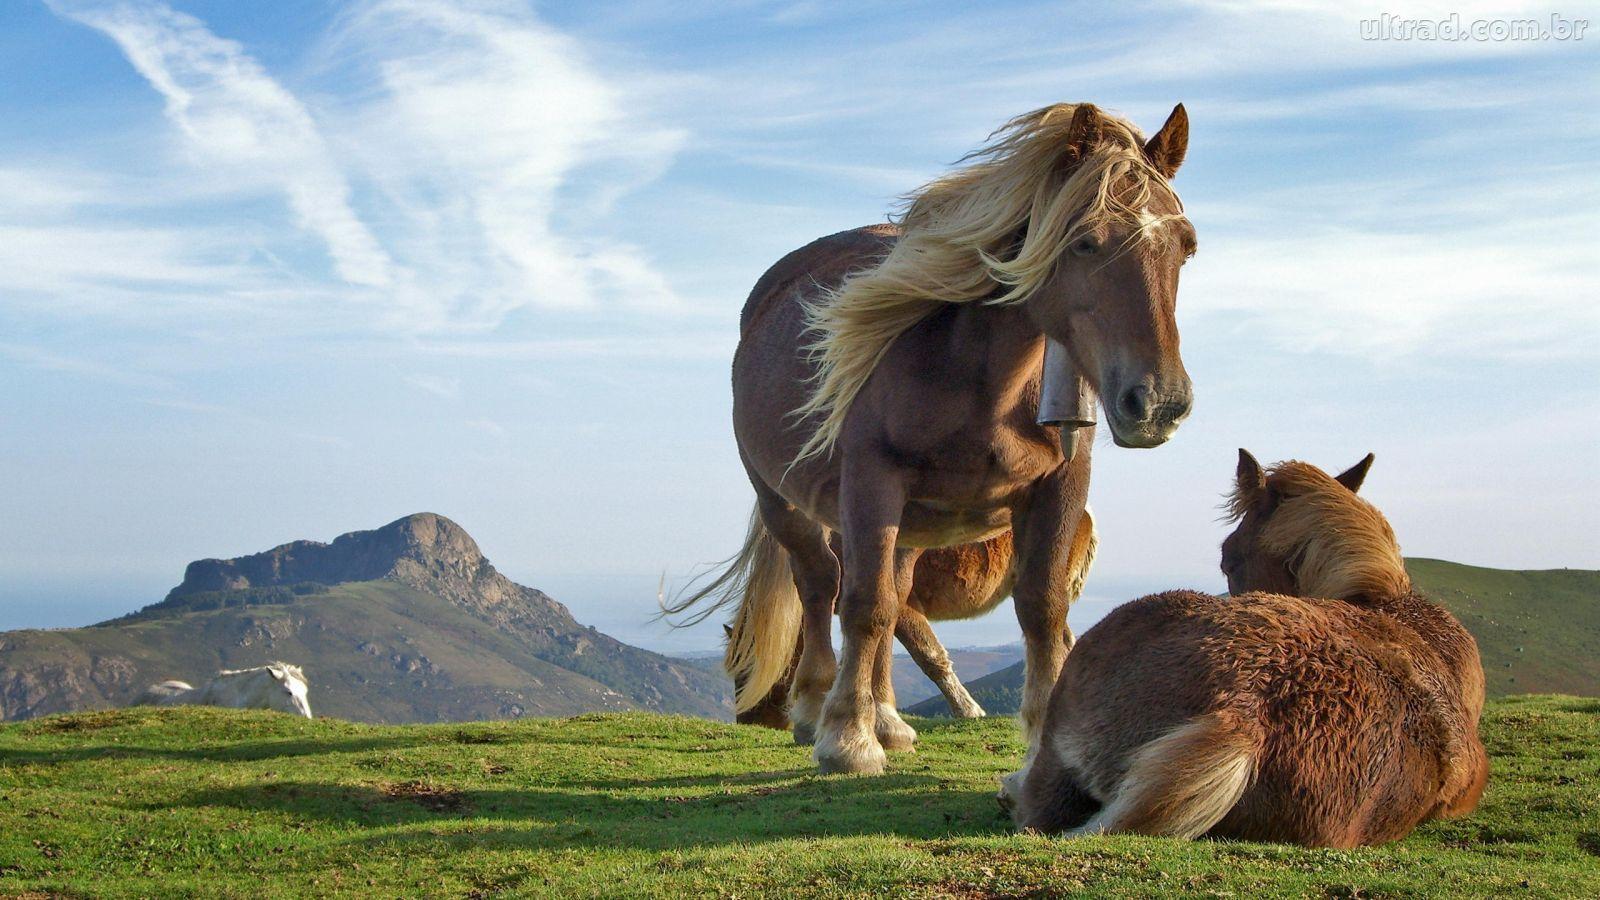 ... Os dias se vão como cavalos sobre a colina.    ¬U2¬